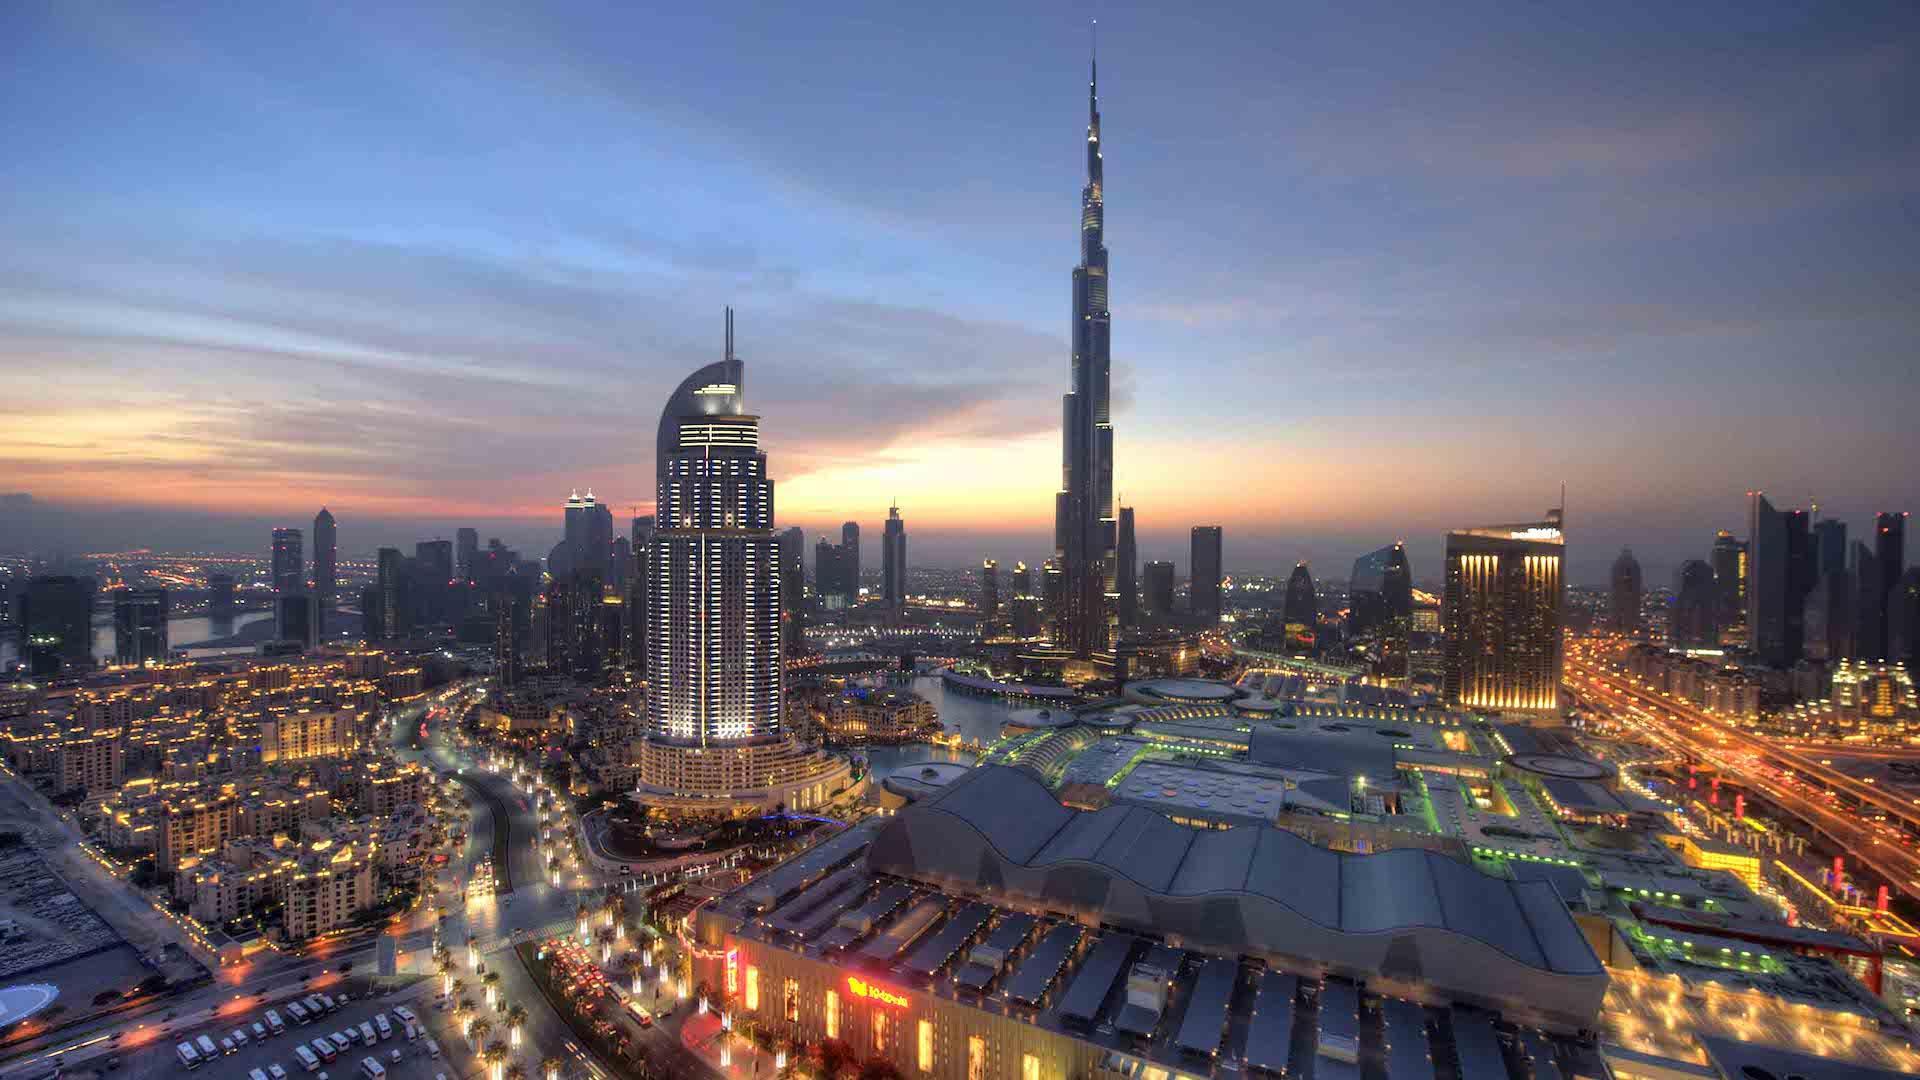 Promociones para comprar pasajes por Emirates a Dubái, El Cairo y otros destinos de Oriente